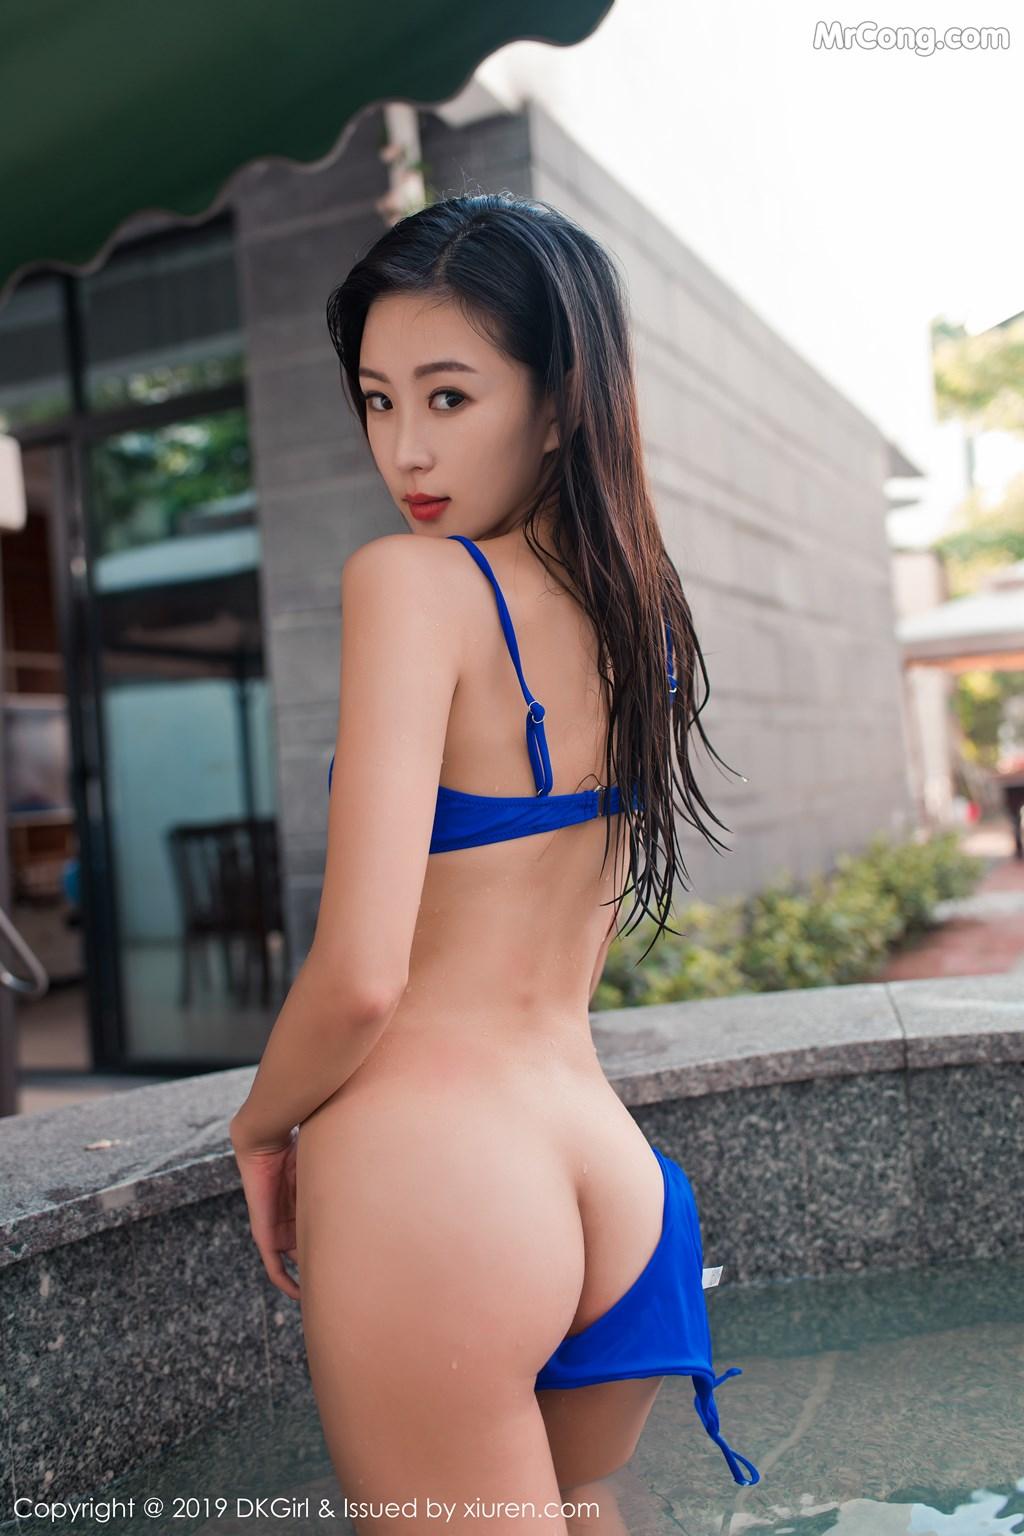 Image DKGirl-Vol.117-Alice-MrCong.com-026 in post DKGirl Vol.117: 小子怡Alice (41 ảnh)